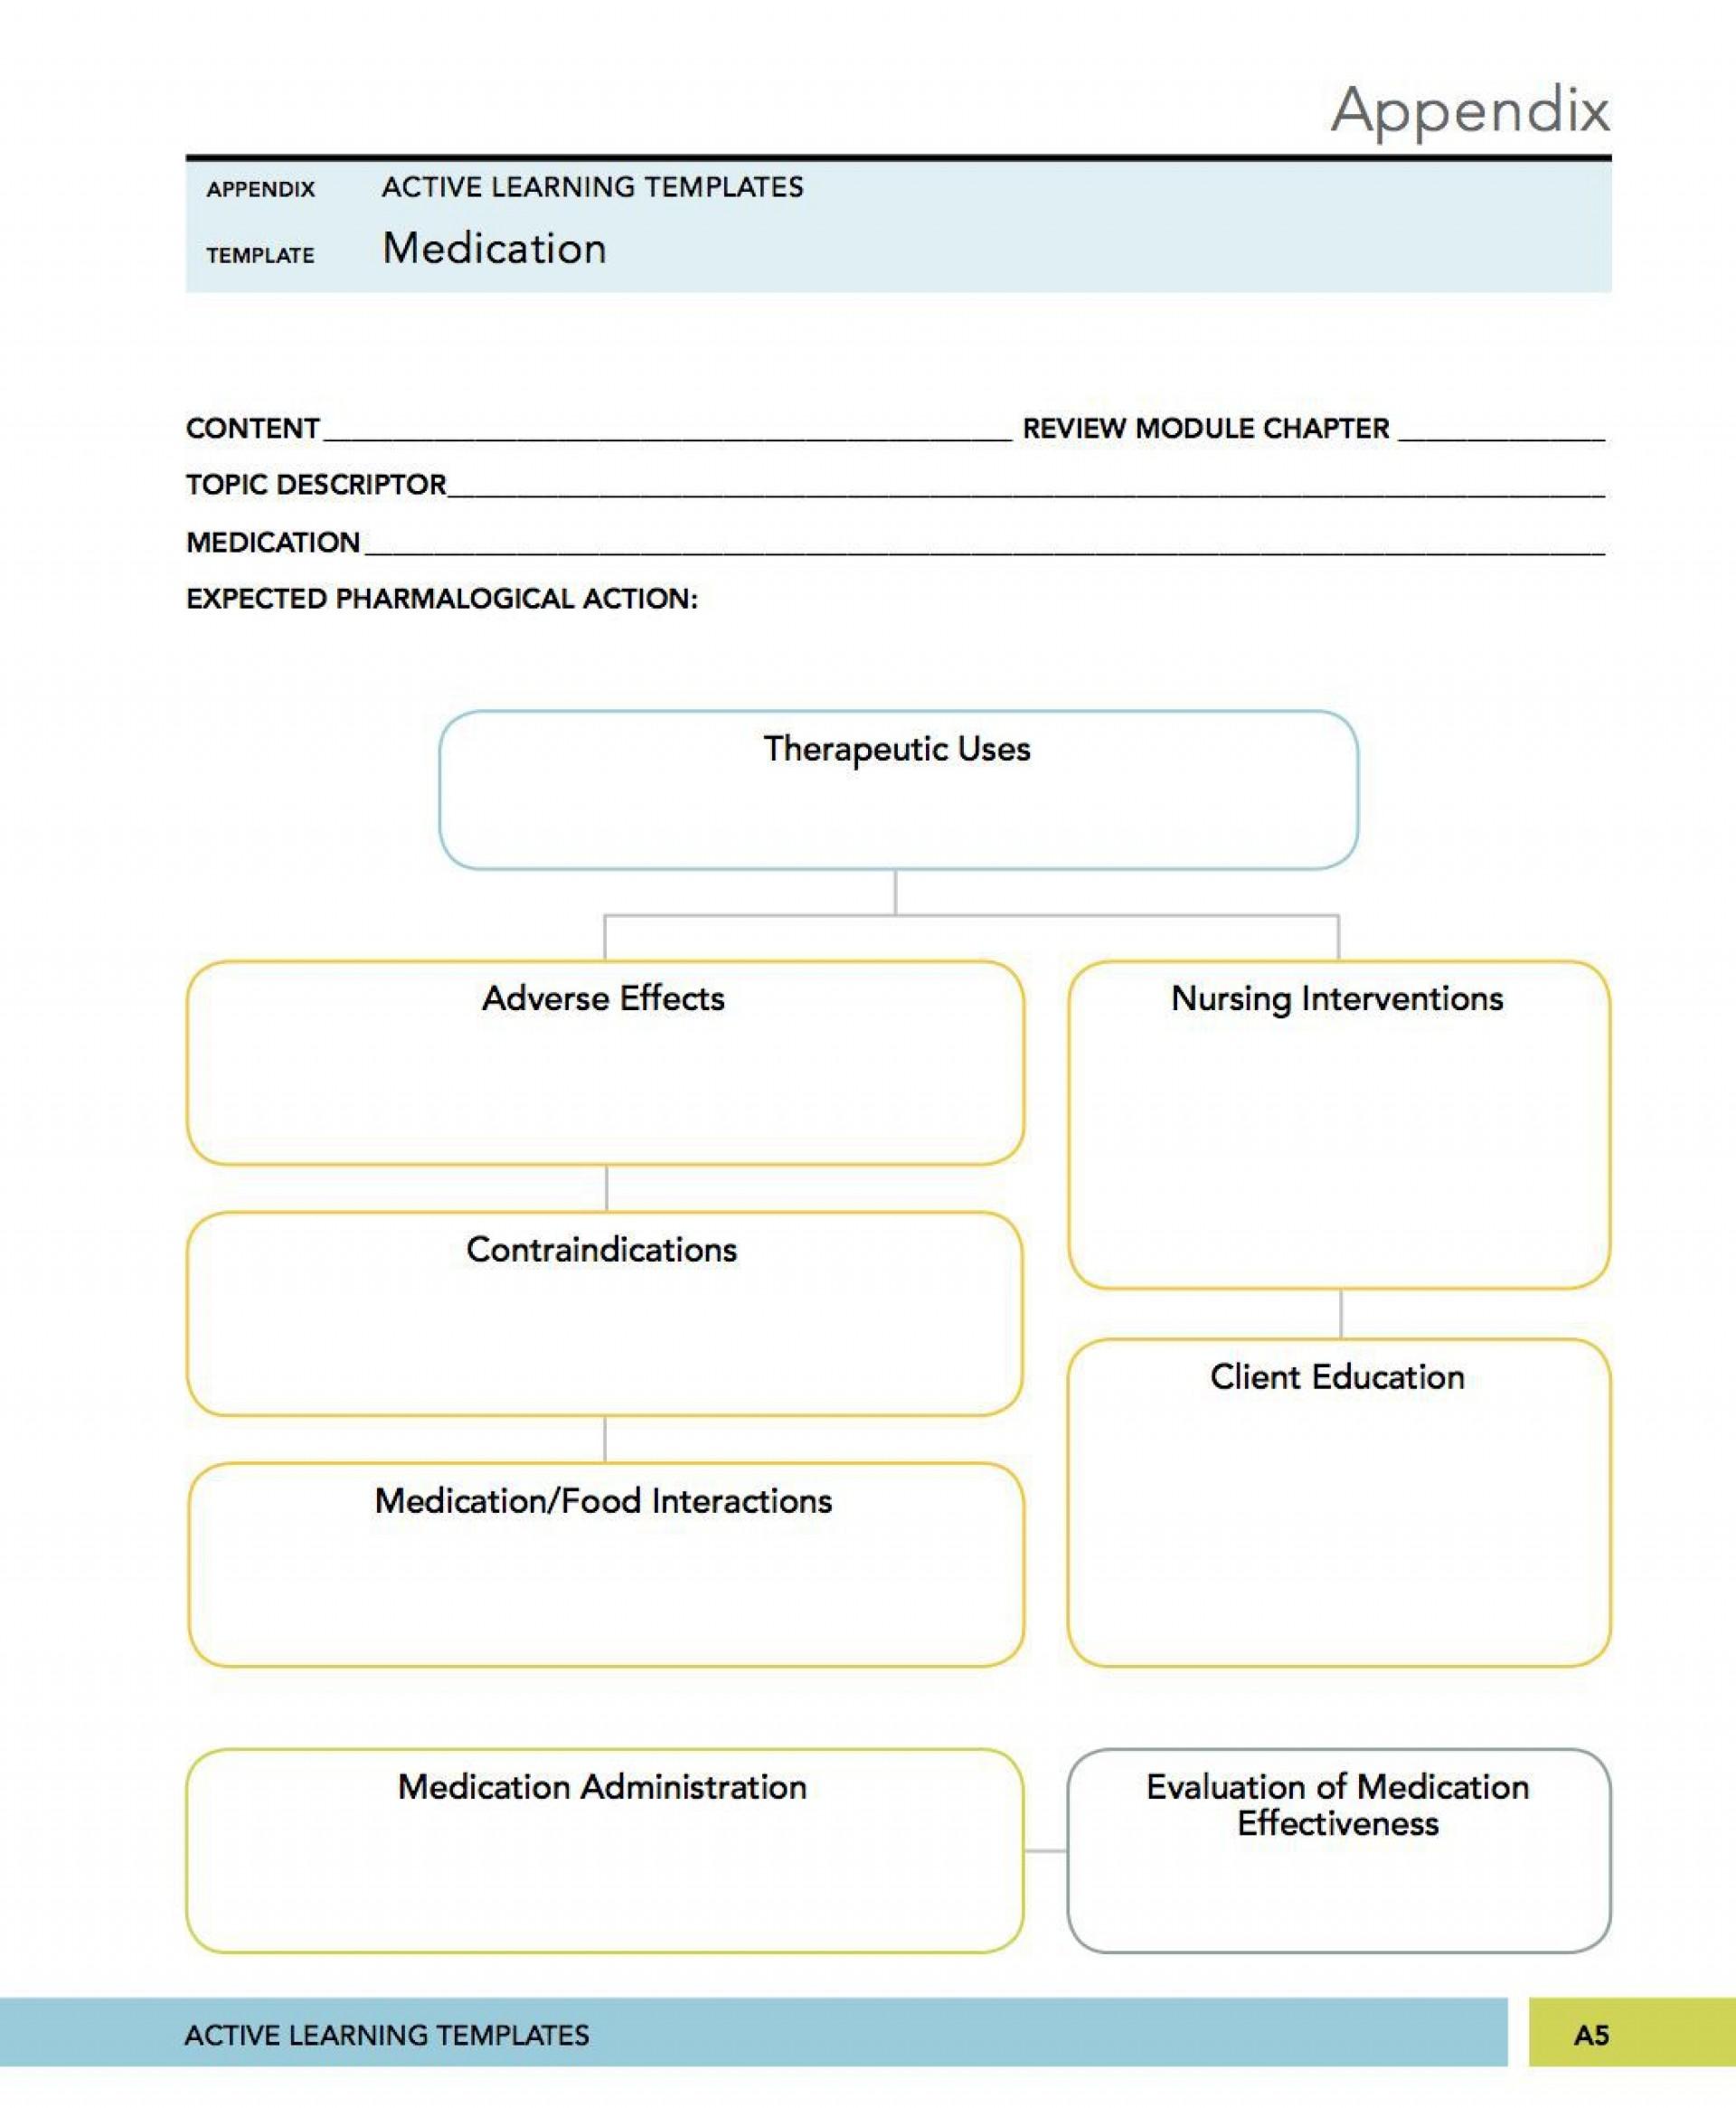 006 Excellent Nursing Drug Card Template High Definition  School Download Printable1920